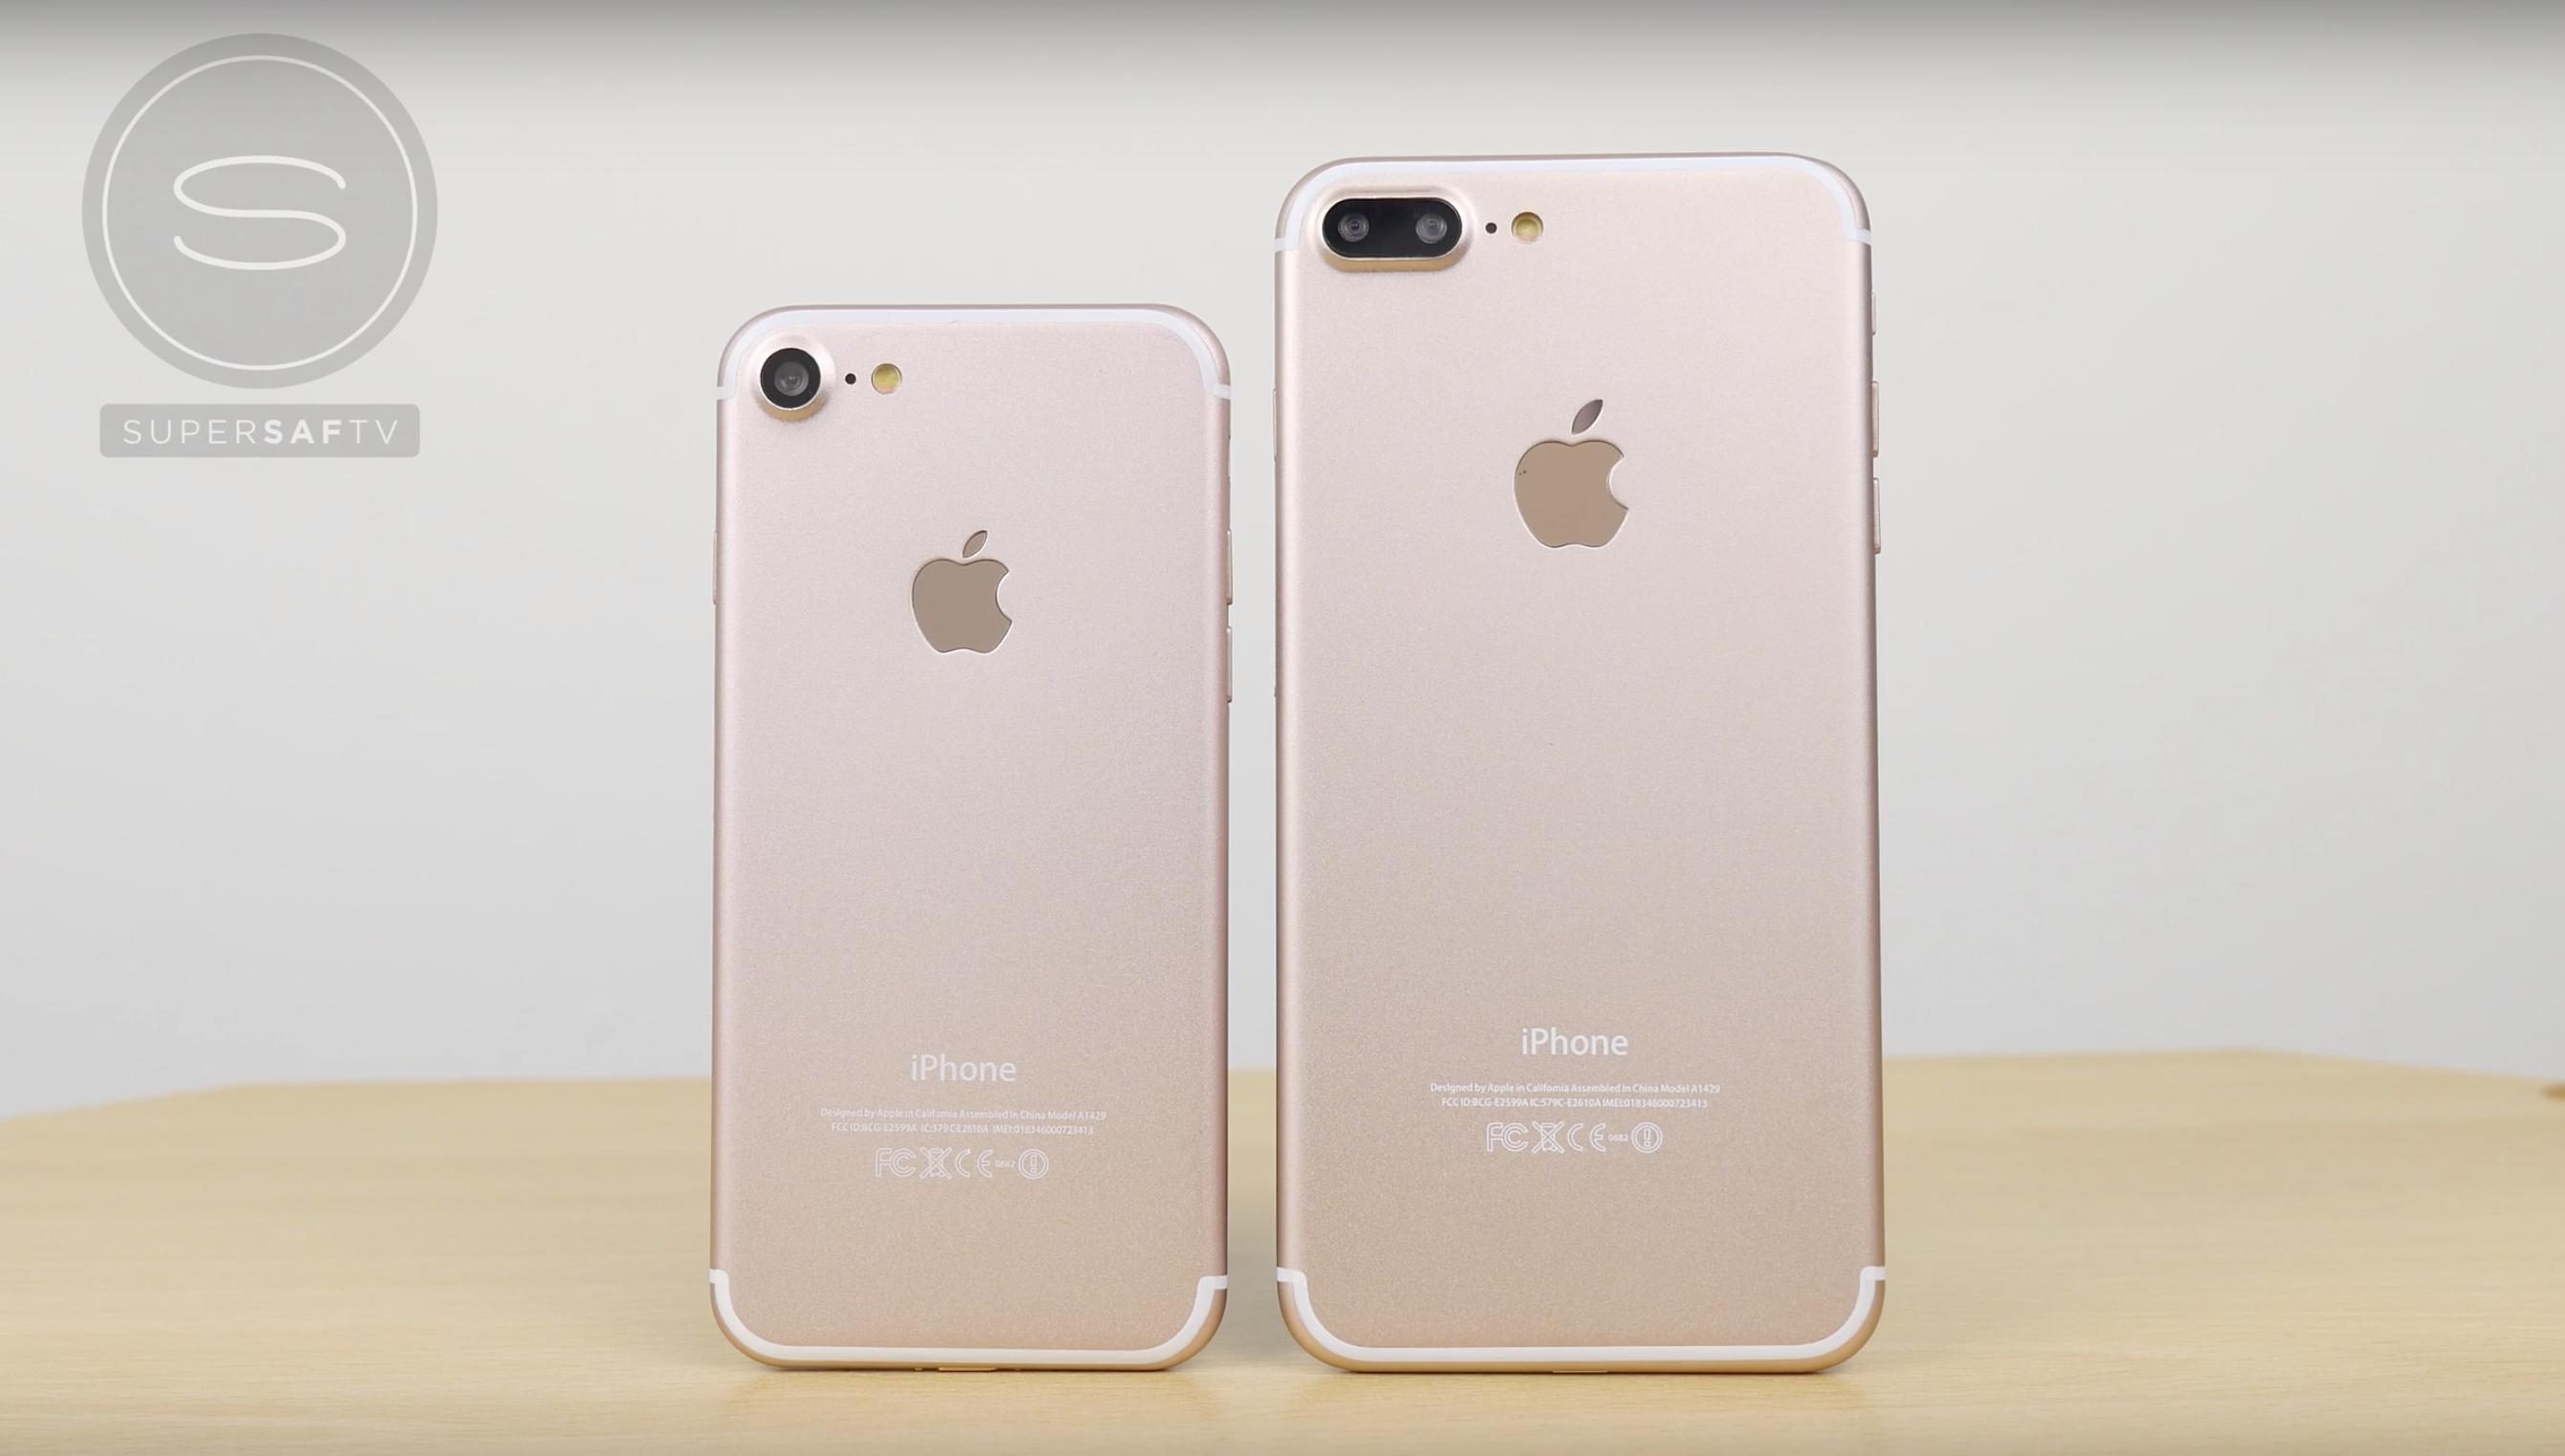 iPhone_7_Plus_Unboxing_Prototype1